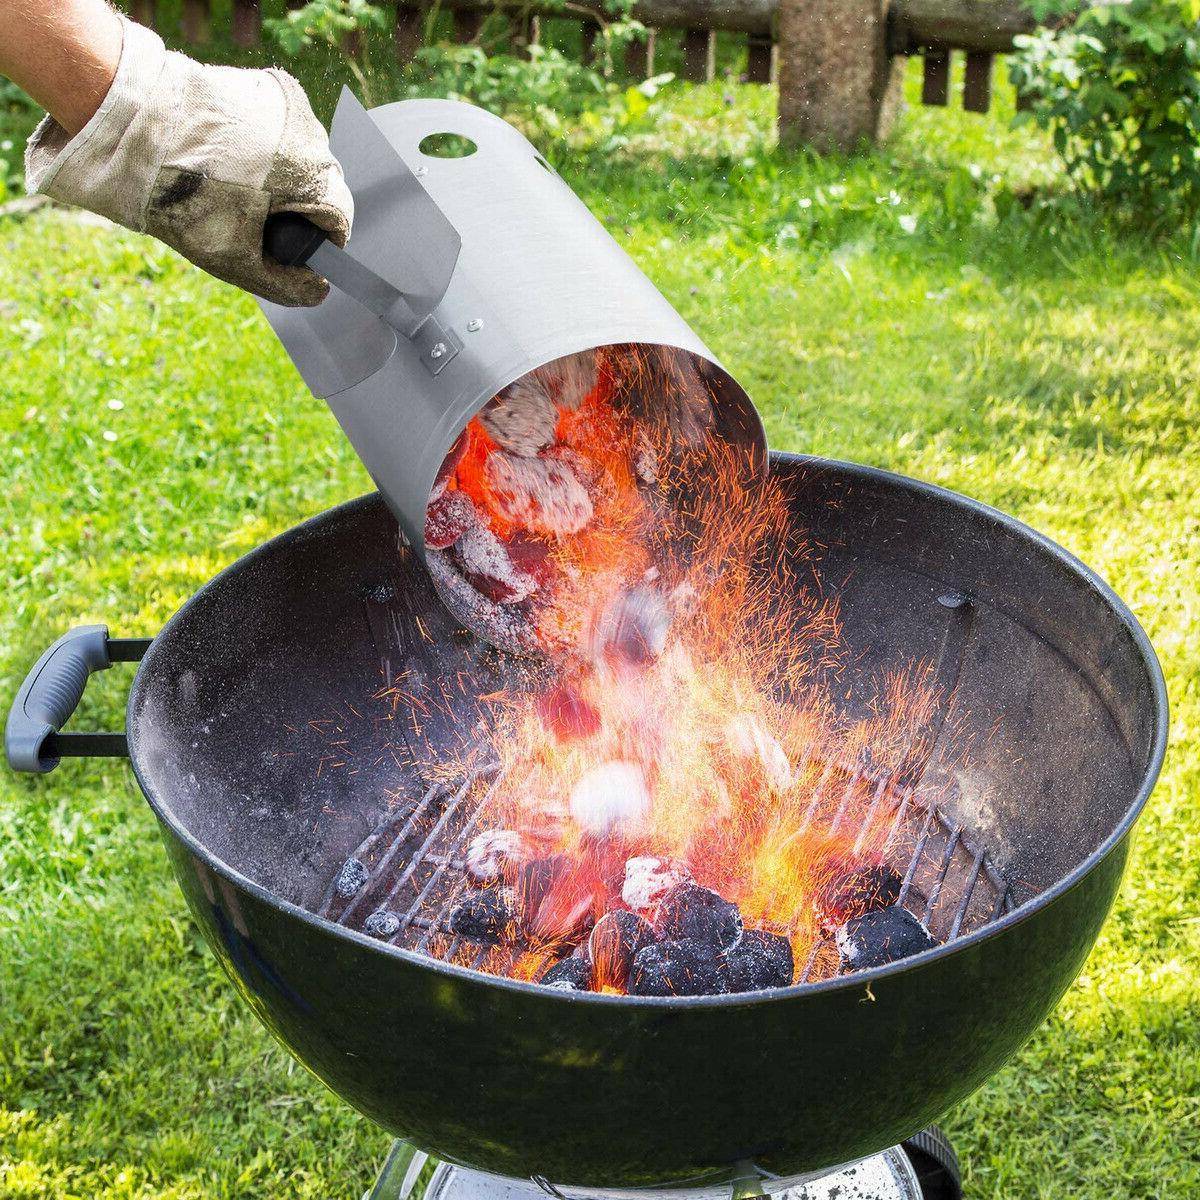 BEAU JARDIN Charcoal BBQ